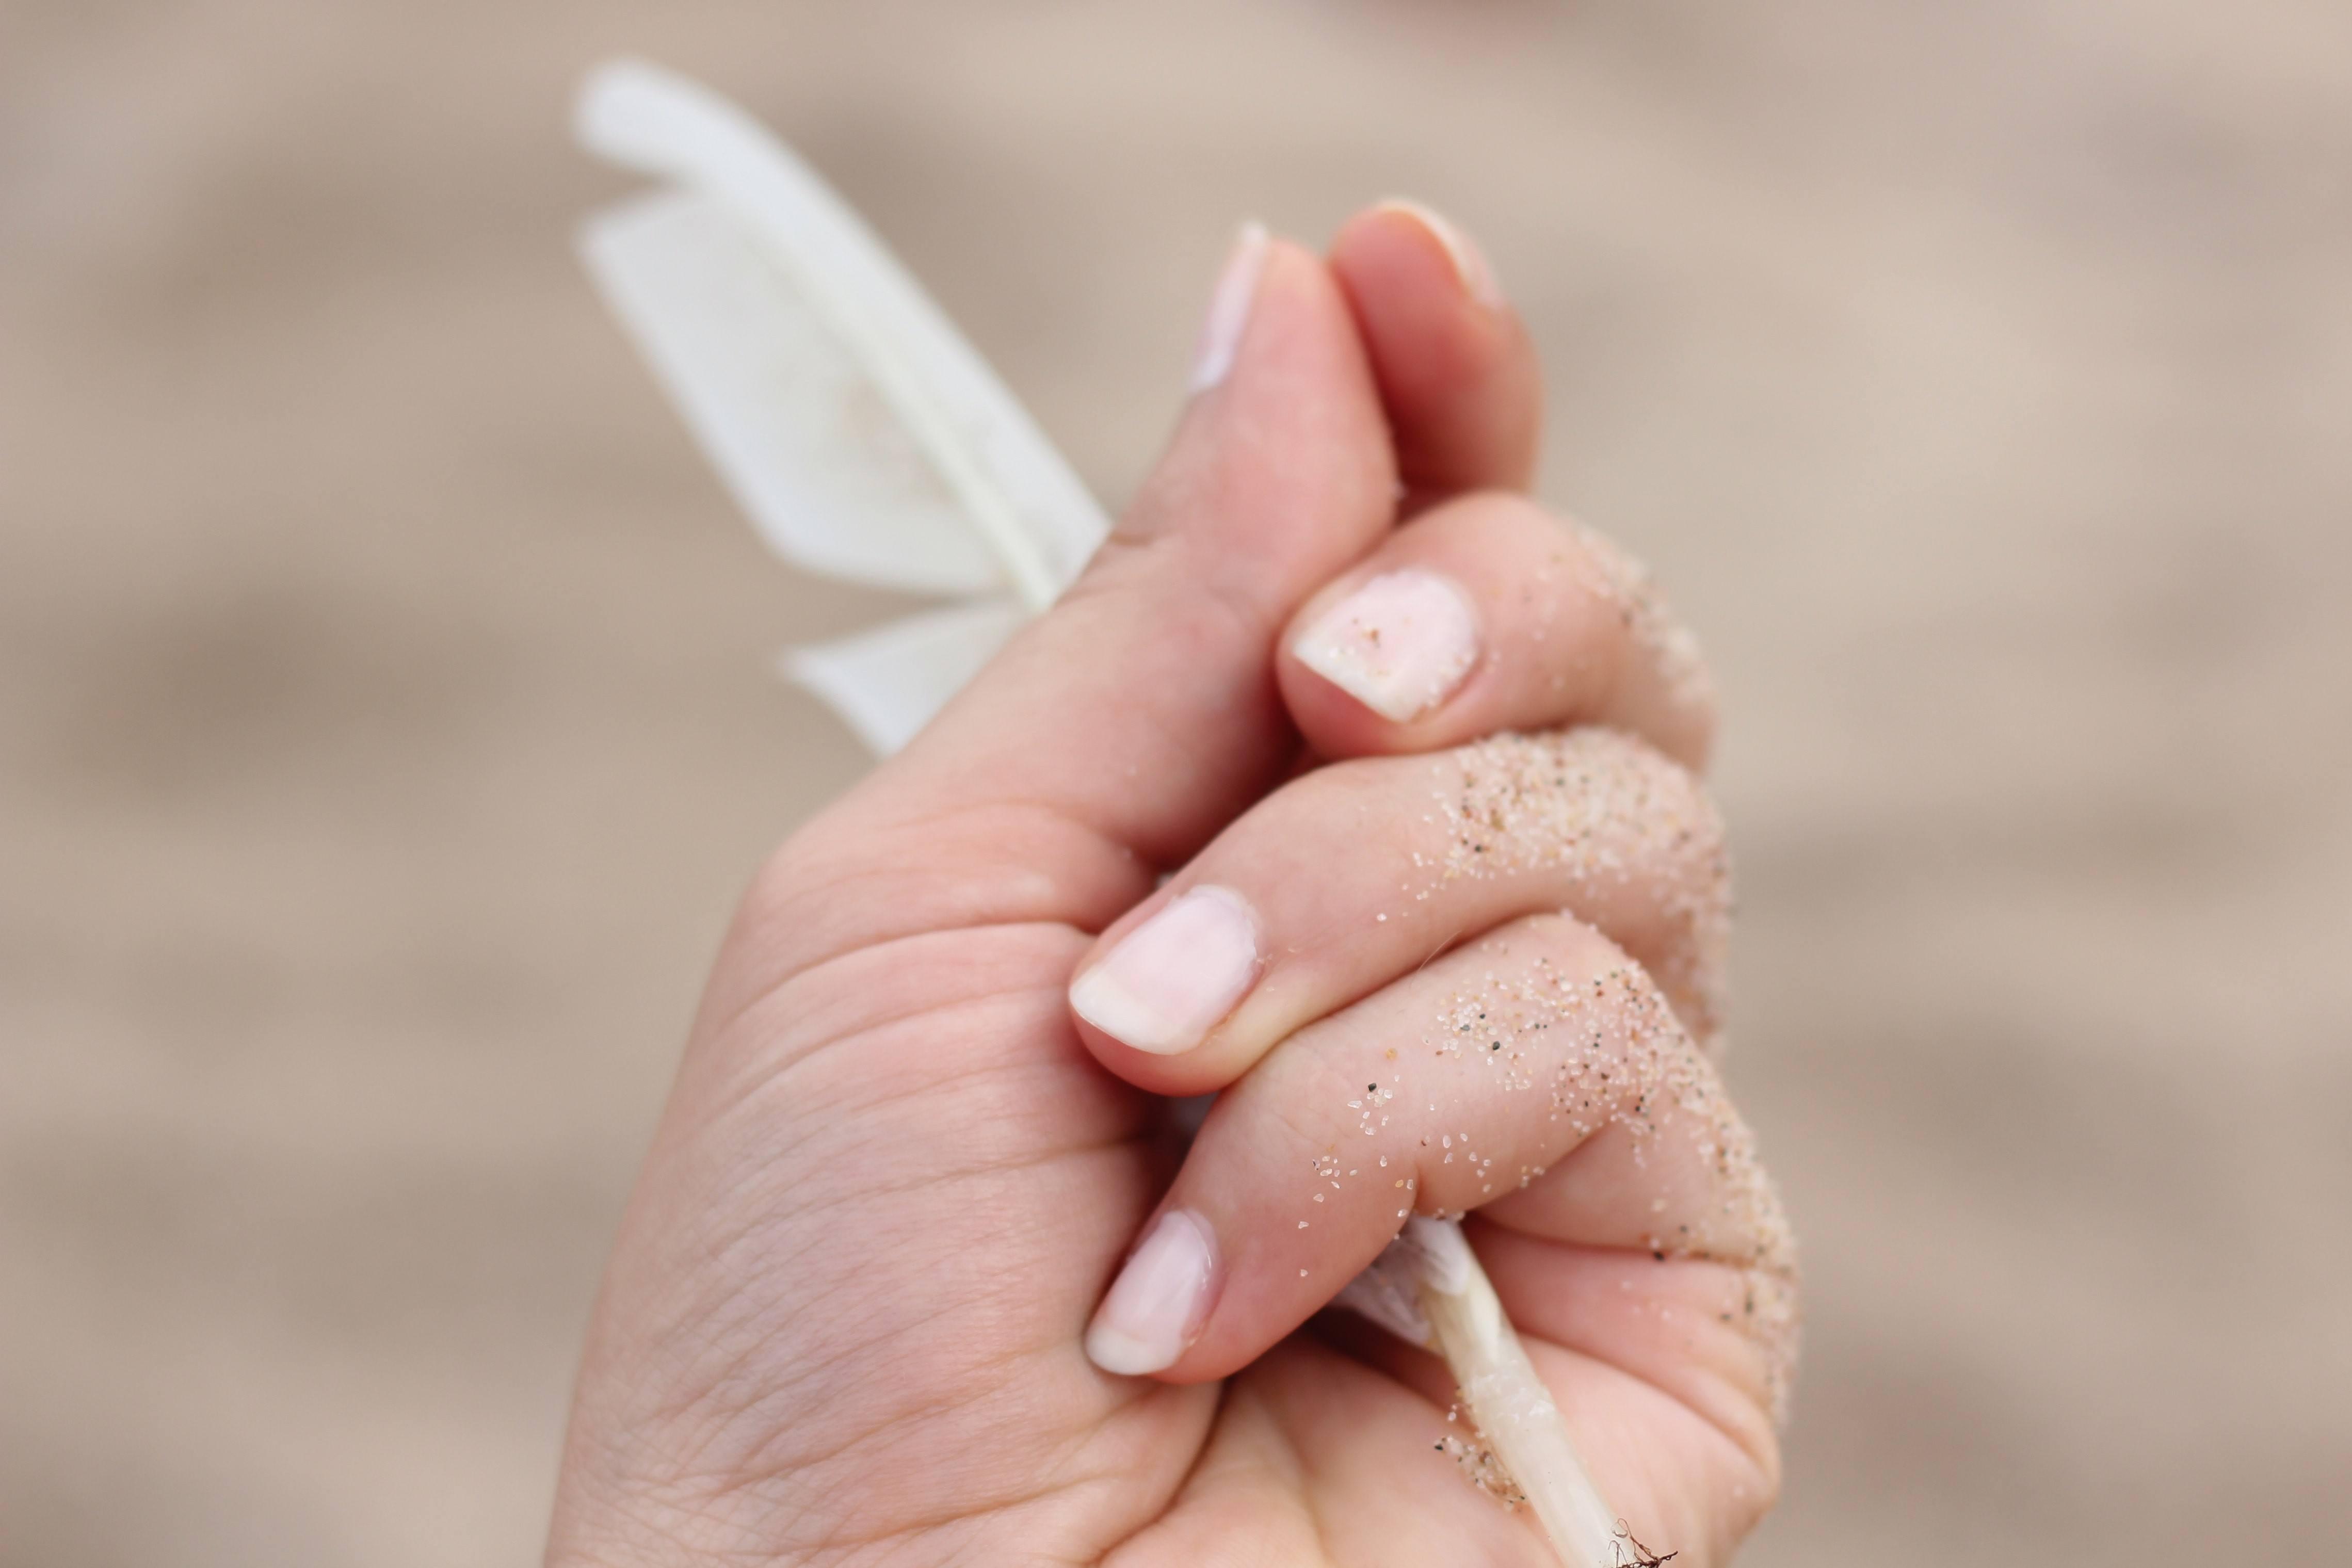 trouver une plume c'est recevoir un signe de son ange